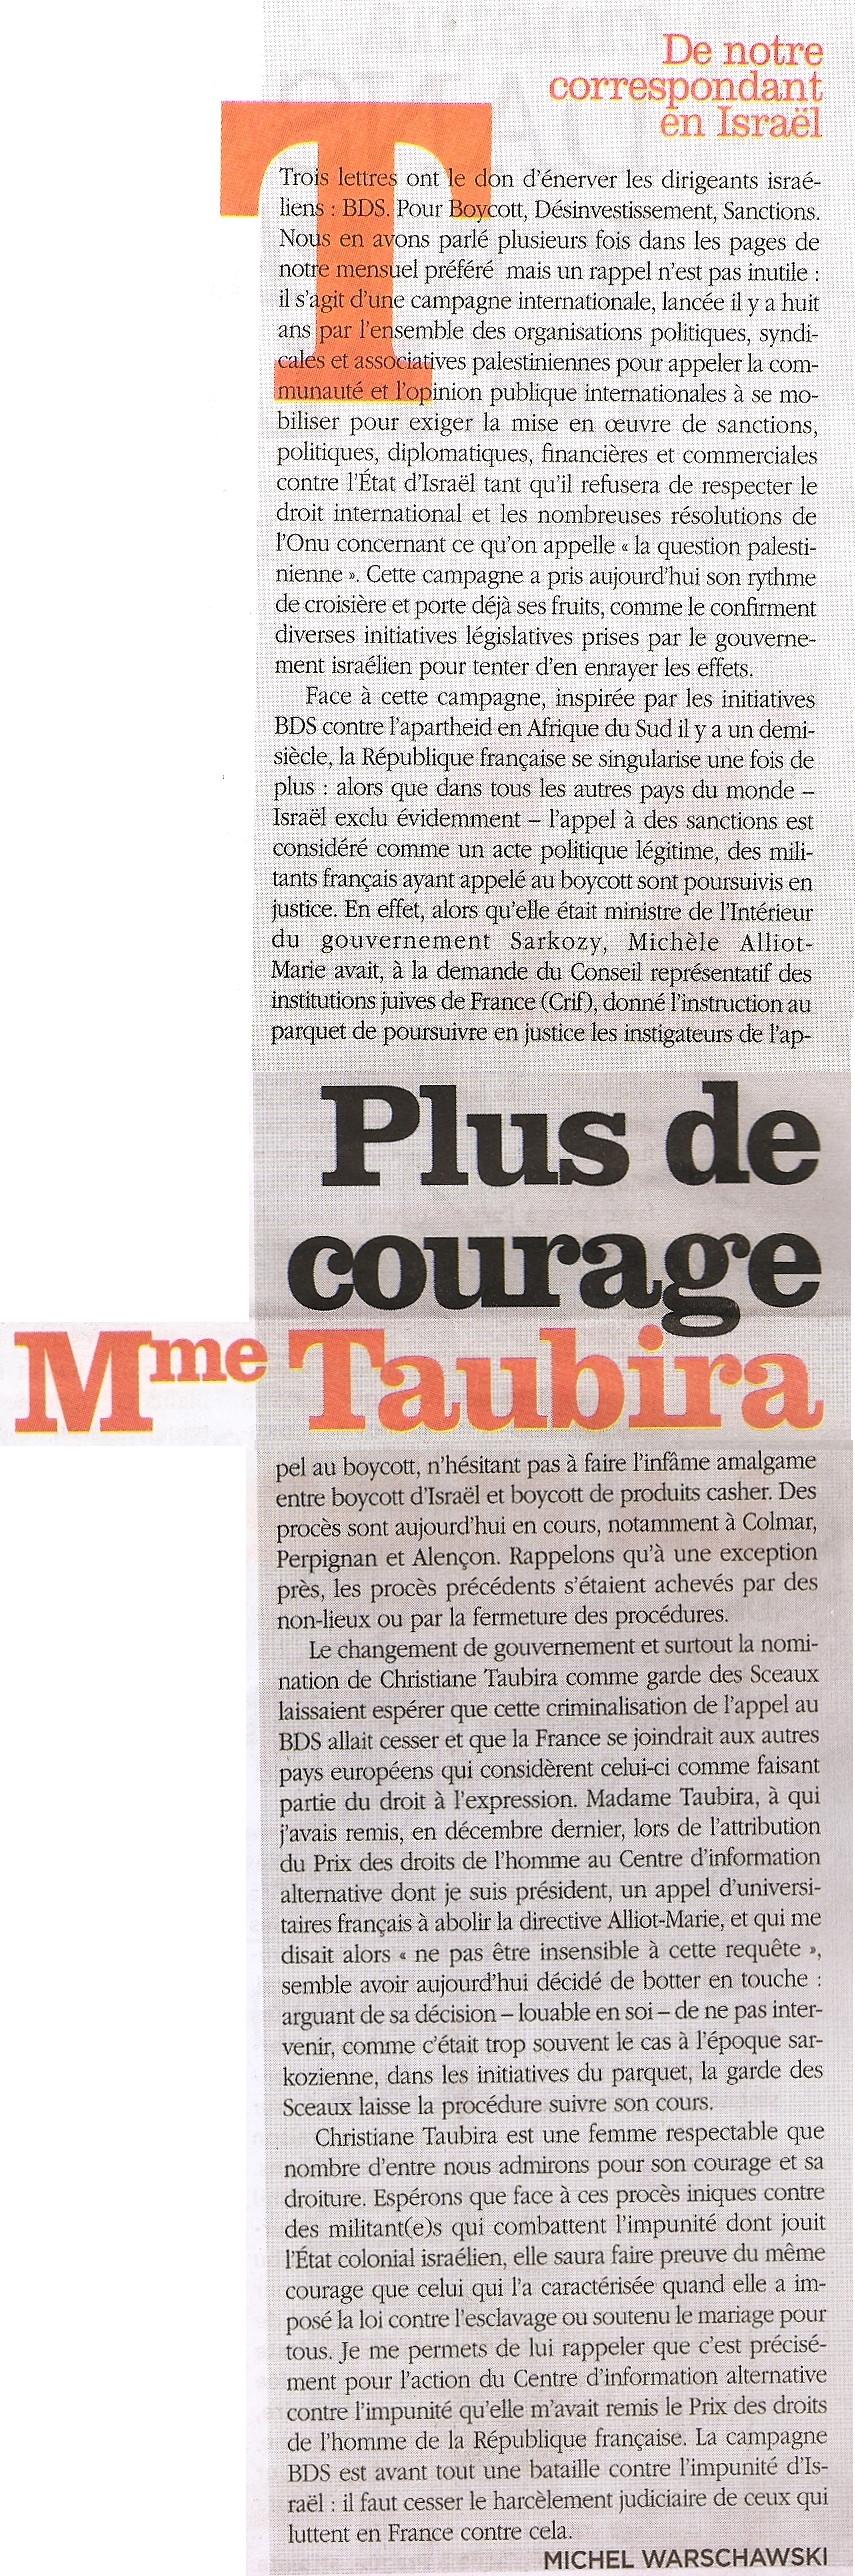 MW_Taubira_SIne_Hebdo.jpg